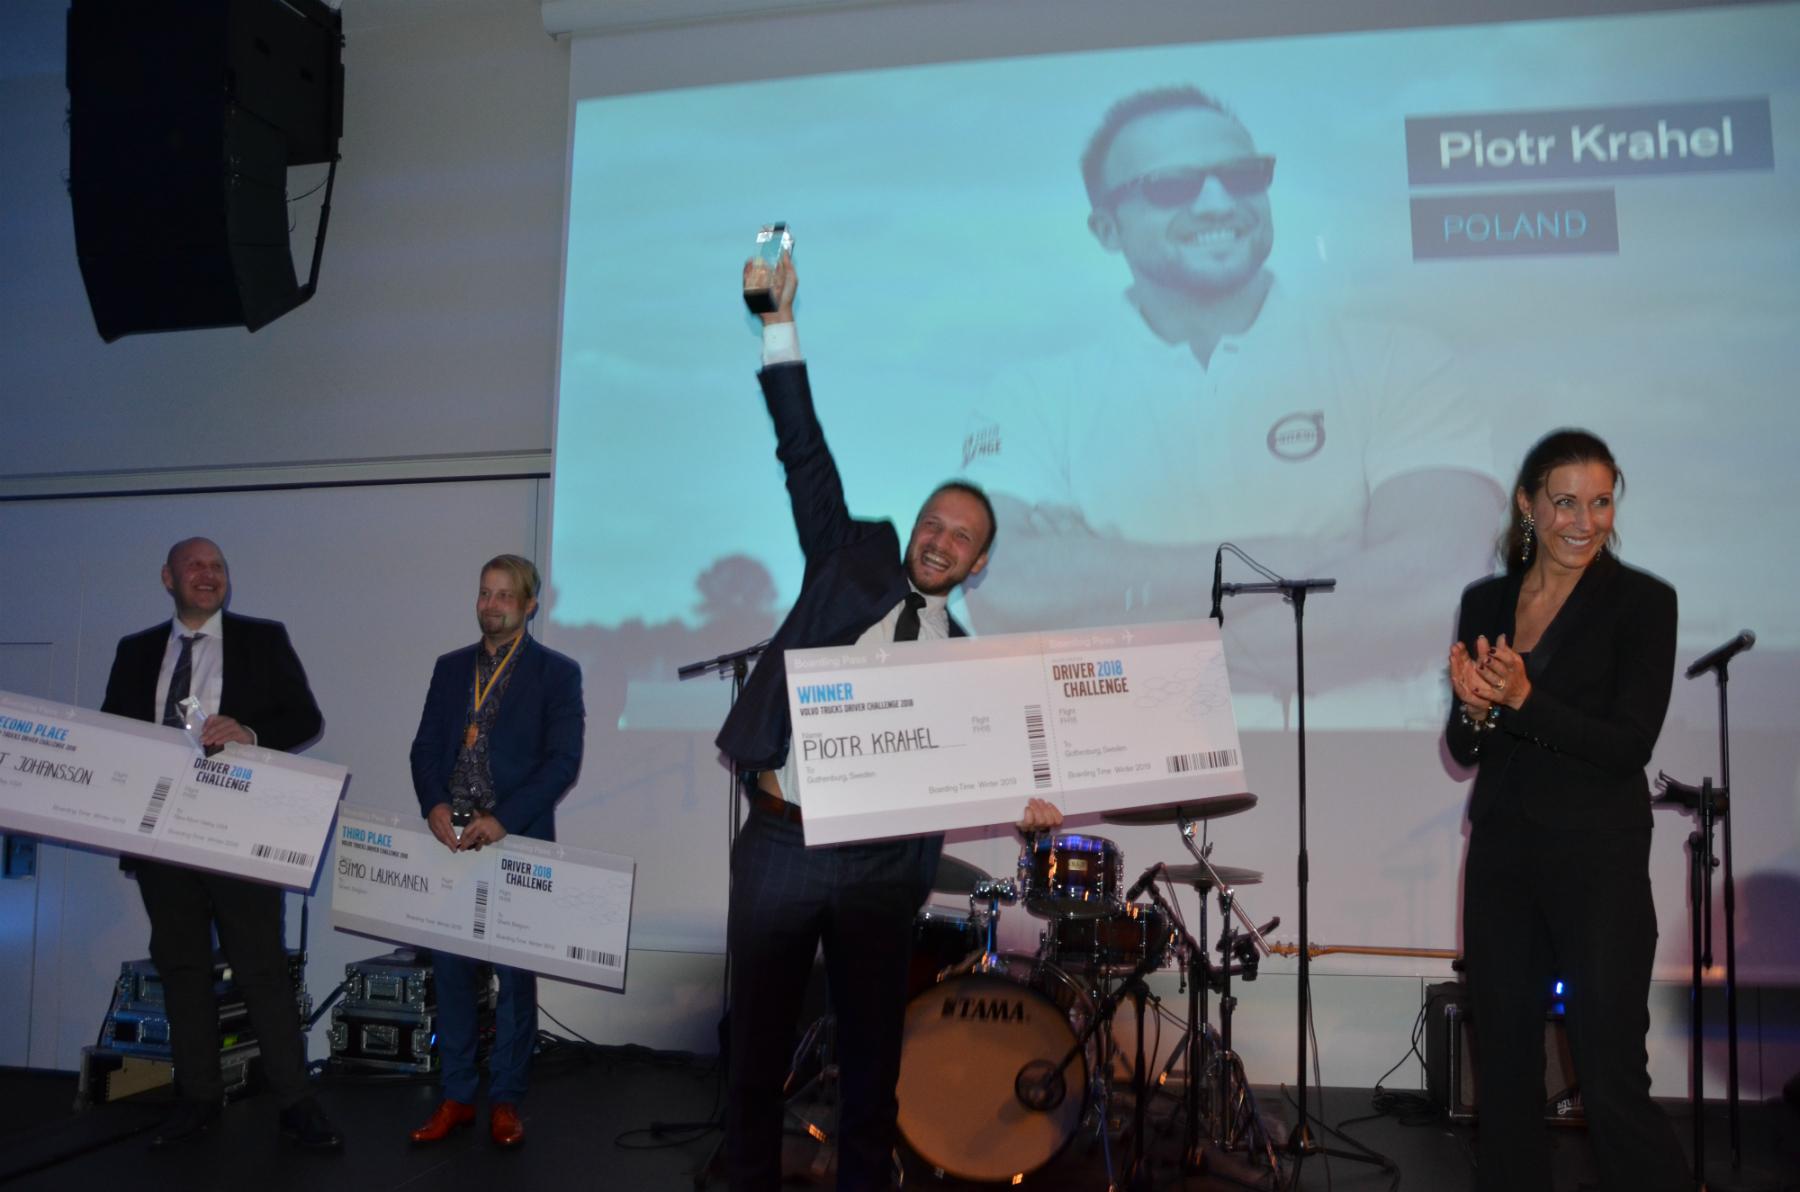 W Göteborgu, ojczyźnie Volvo, Piotr rywalizował z 32 osobami z całego świata (fot: archiwum prywatne)